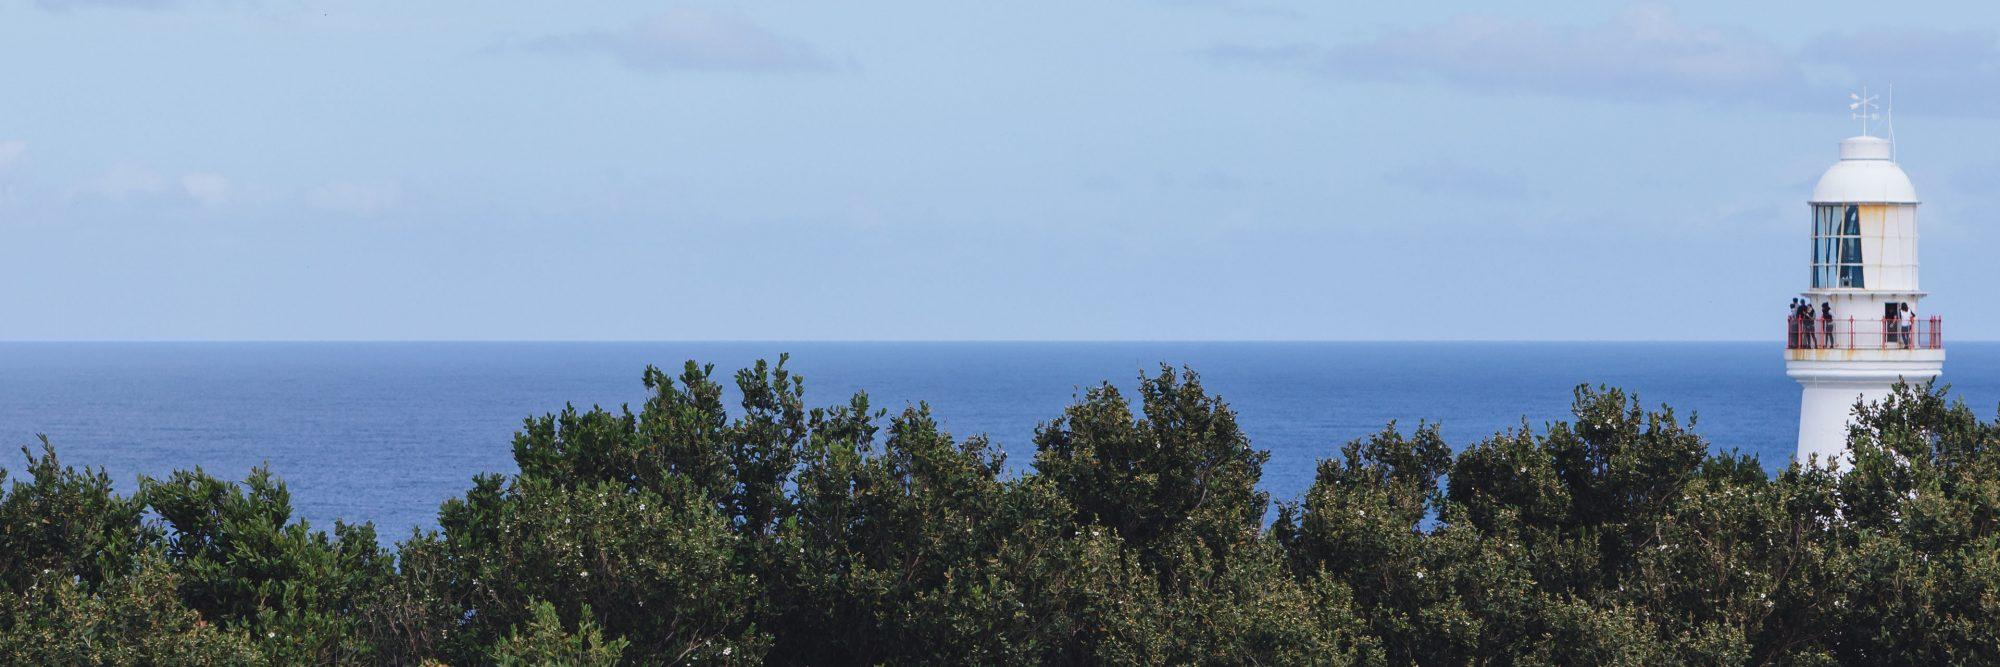 Apollo Bay Lighthouse